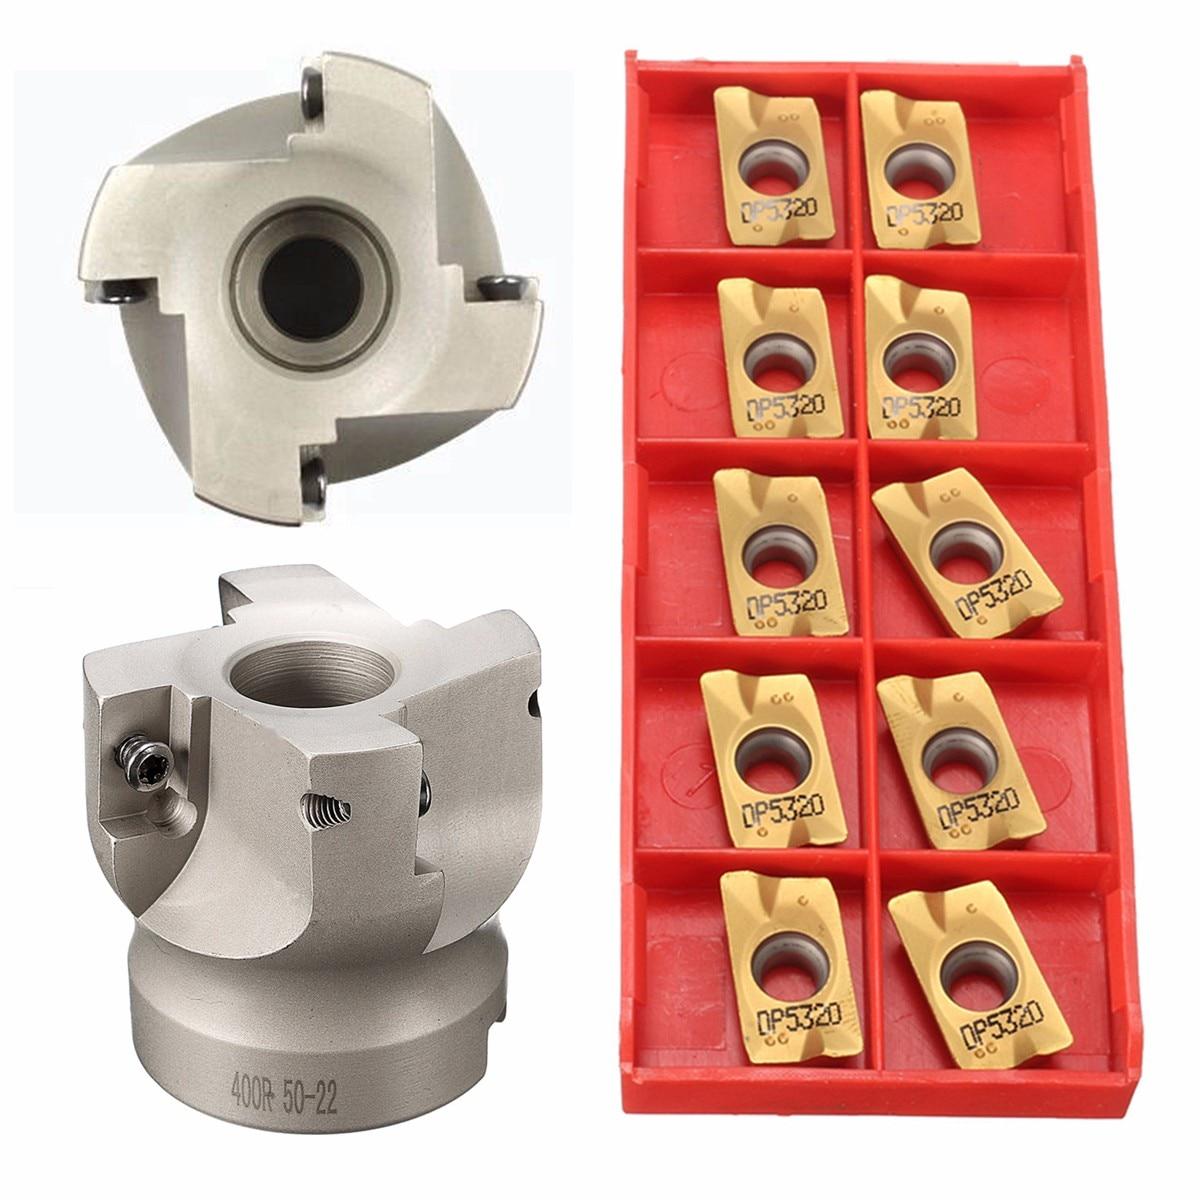 4Flute 400R 63mm Face End Mill 10PCs APMT1604 Carbide Inserts Set